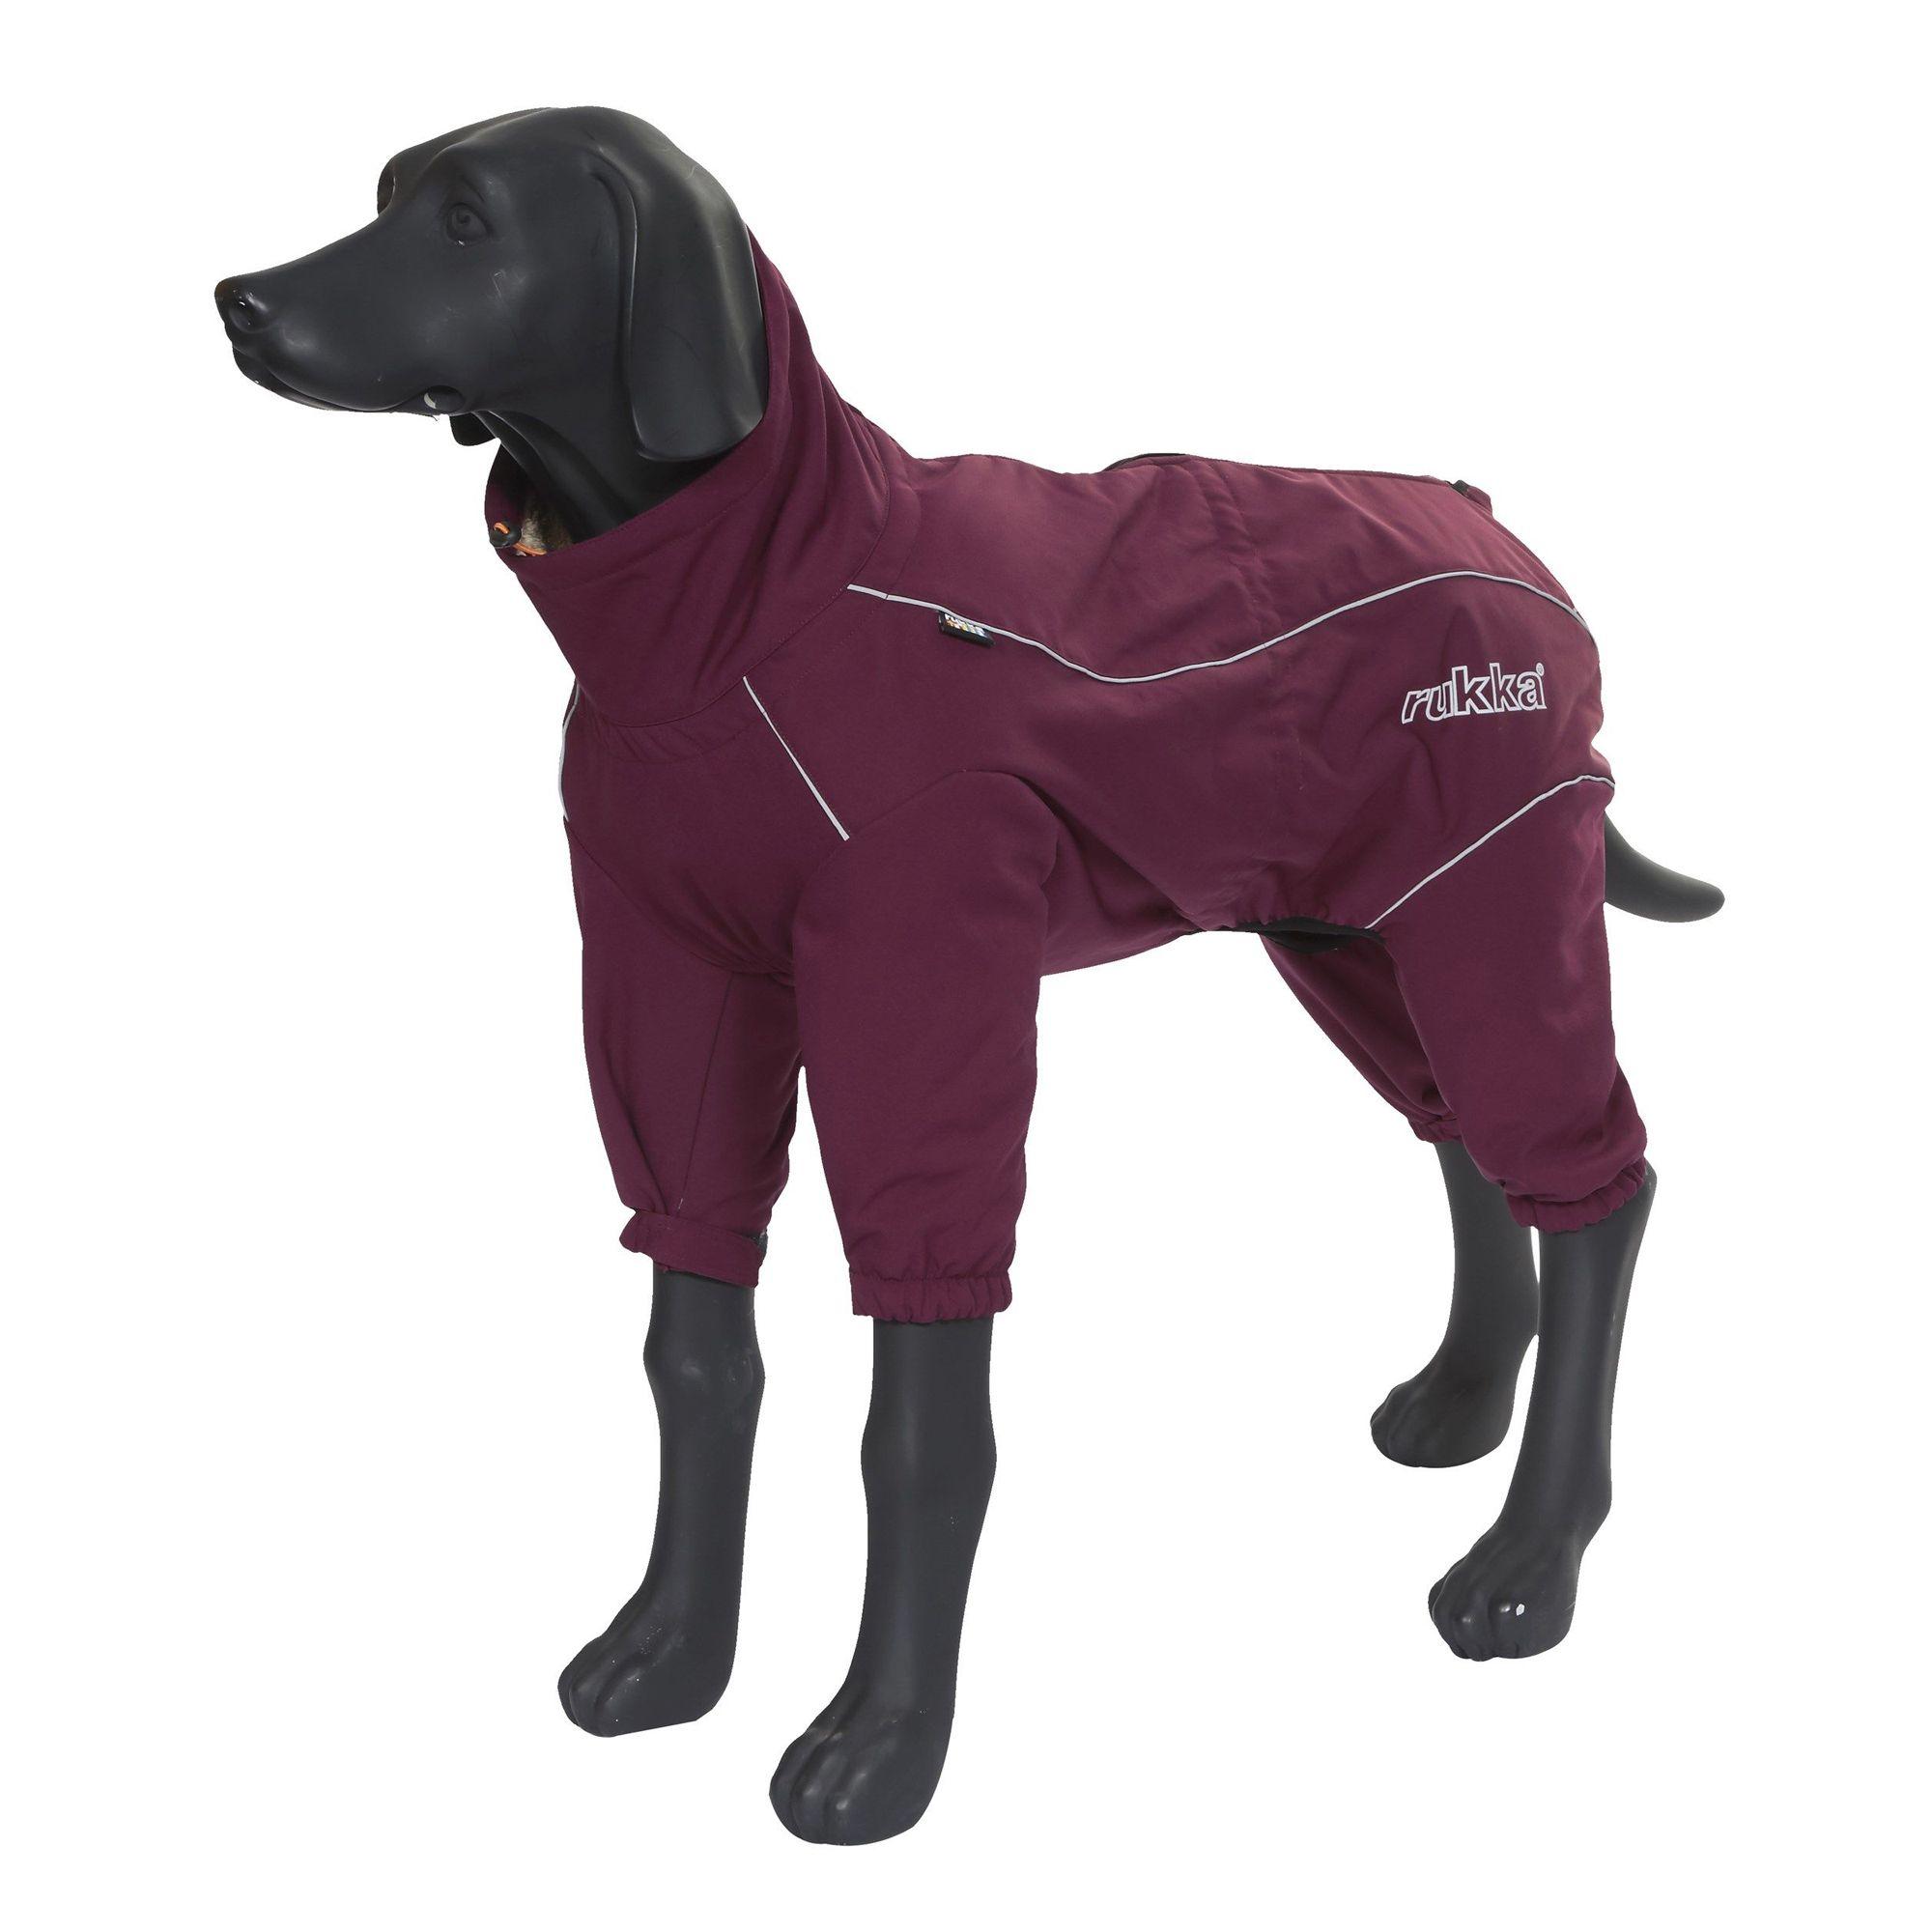 купить Комбинезон для собак RUKKA Thermal Overall бордовый 30см зимний по цене 2490 рублей